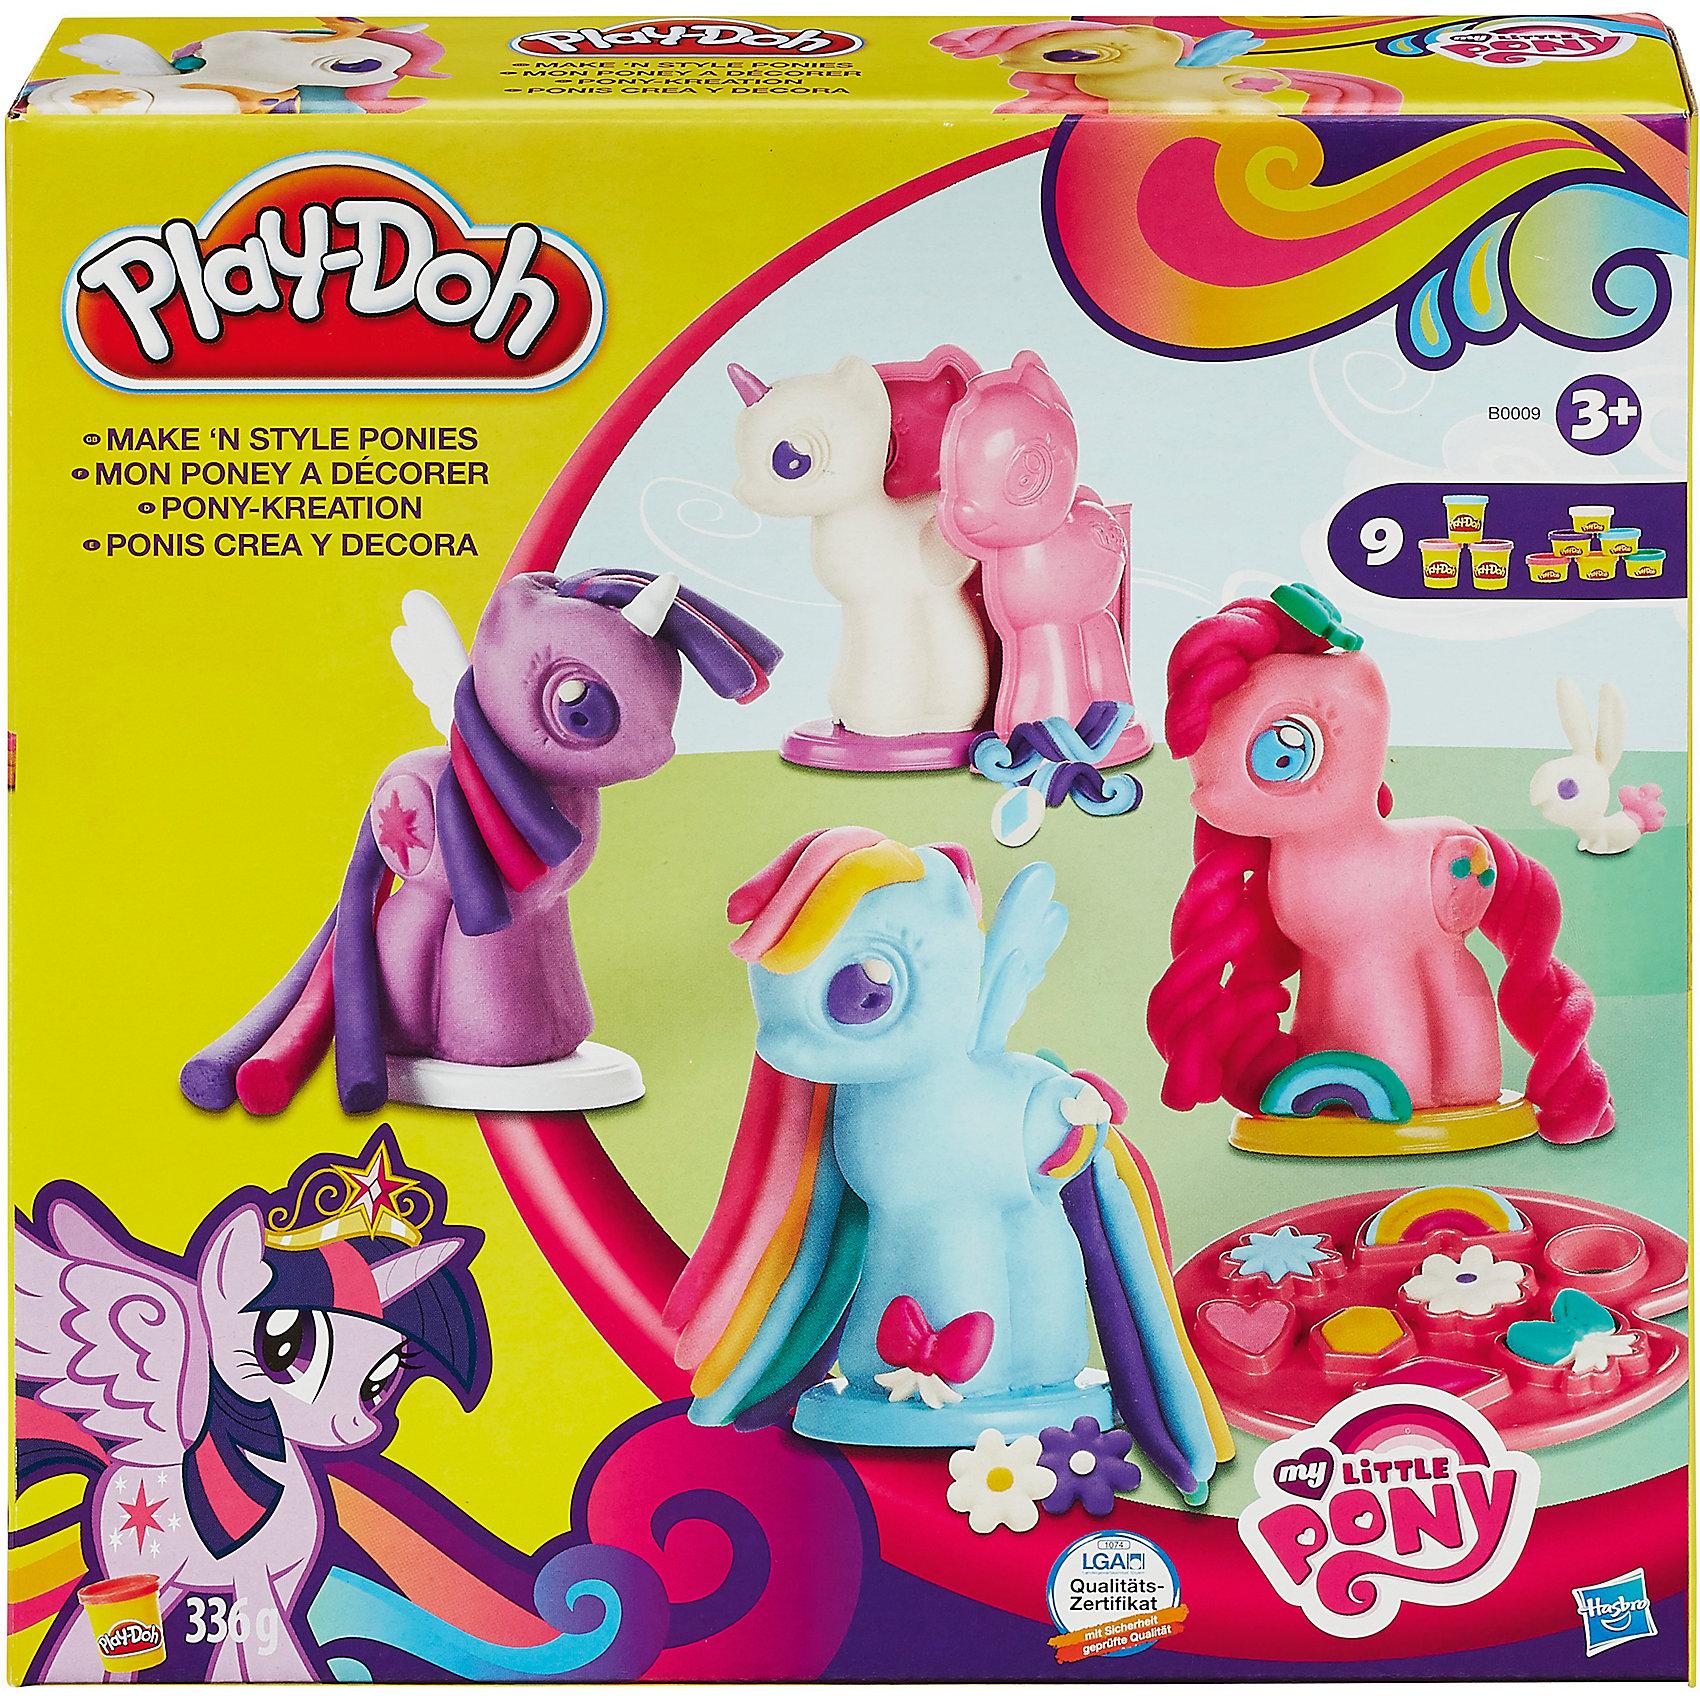 Игровой набор Создай любимую Пони, My little Pony, Play-DohСоздай любимых персонажей мультфильма Дружба - это чудо с этим набором Play-Doh! Широкий выбор уникальных инструментов для моделирования, штамповки и выдавливания пластилина позволят тебе создать и украсить любимых героинь. C такой радугой цветов ты никогда не заскучаешь! В комплекте основы для 4 героинь мультика,  экструдер, штампы Знаков Отличий, инструкции, 3 стандартных и 6 мини-баночек пластилина Play-Doh.<br><br>Ширина мм: 232<br>Глубина мм: 228<br>Высота мм: 61<br>Вес г: 648<br>Возраст от месяцев: 36<br>Возраст до месяцев: 84<br>Пол: Женский<br>Возраст: Детский<br>SKU: 4093893